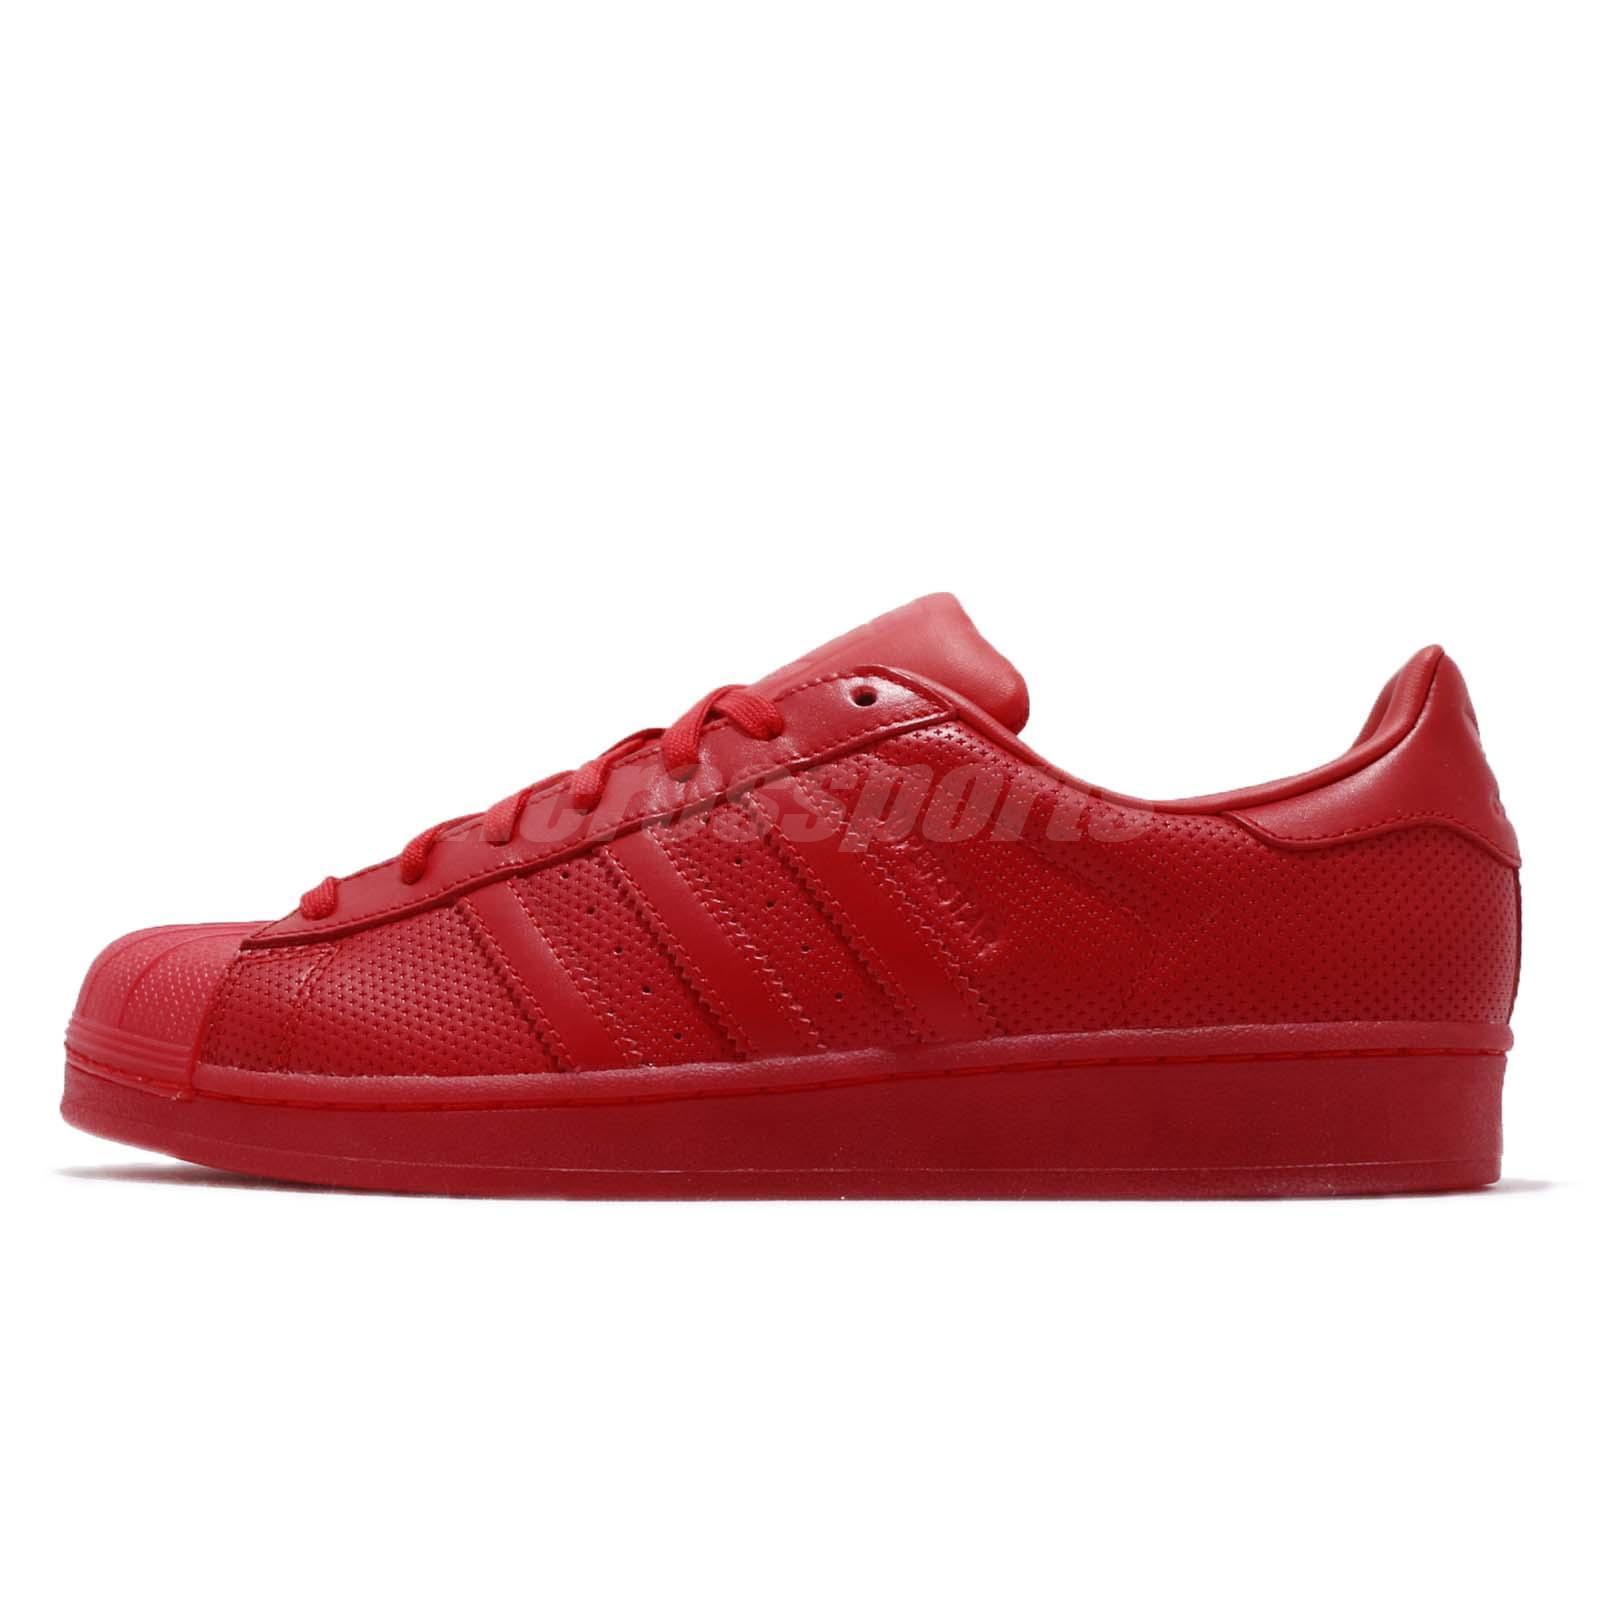 half off d1a66 7bf12 adidas Originals Superstar Adicolor Scarlet Red Men Casual Shoes Sneakers  S80326